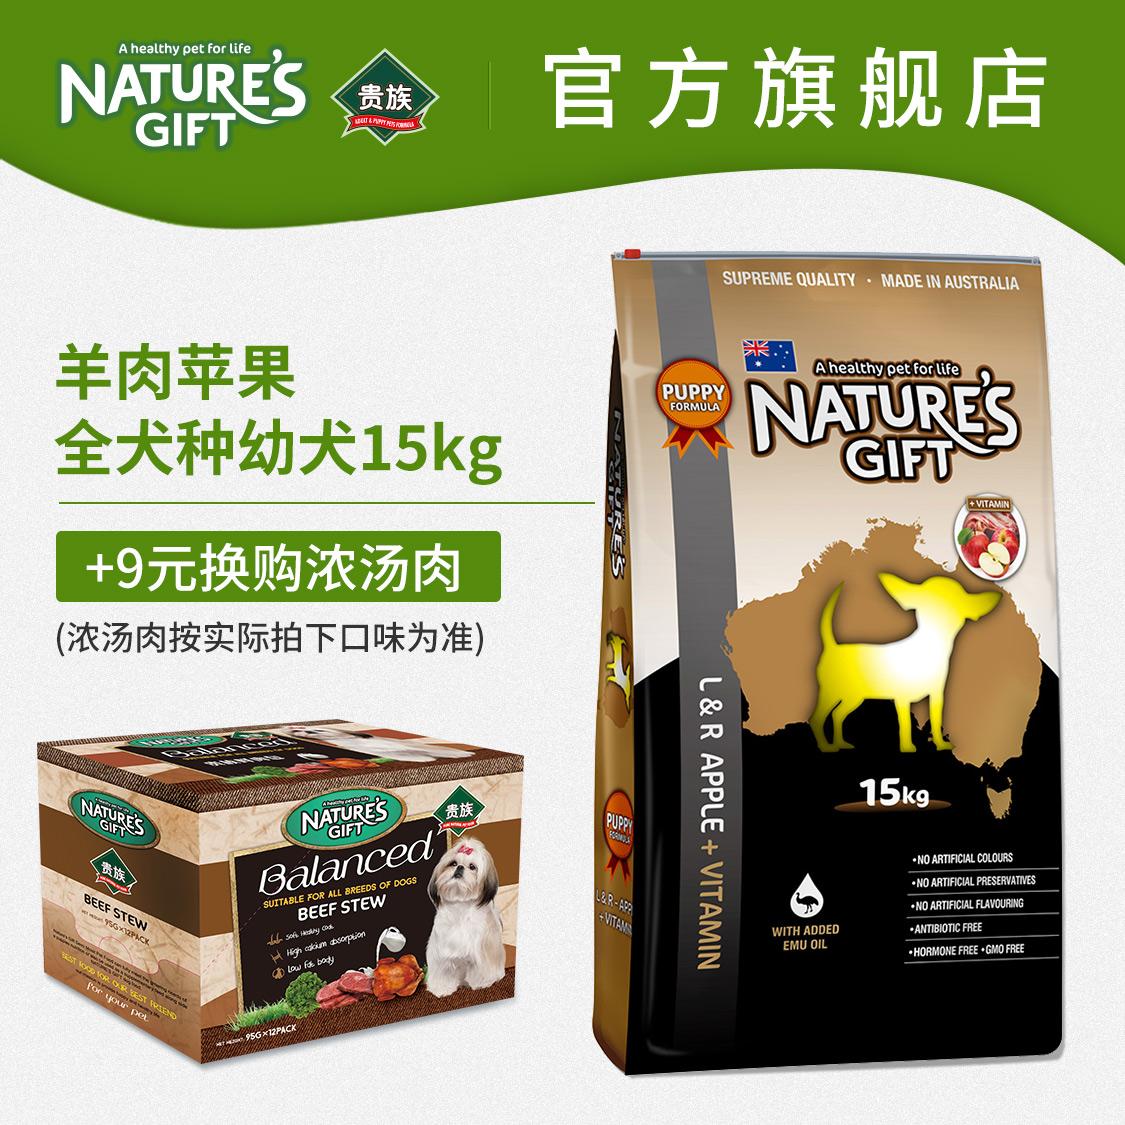 澳洲配方贵族 边牧博美羊肉苹果口味15kg幼犬专用狗粮 通用型狗粮